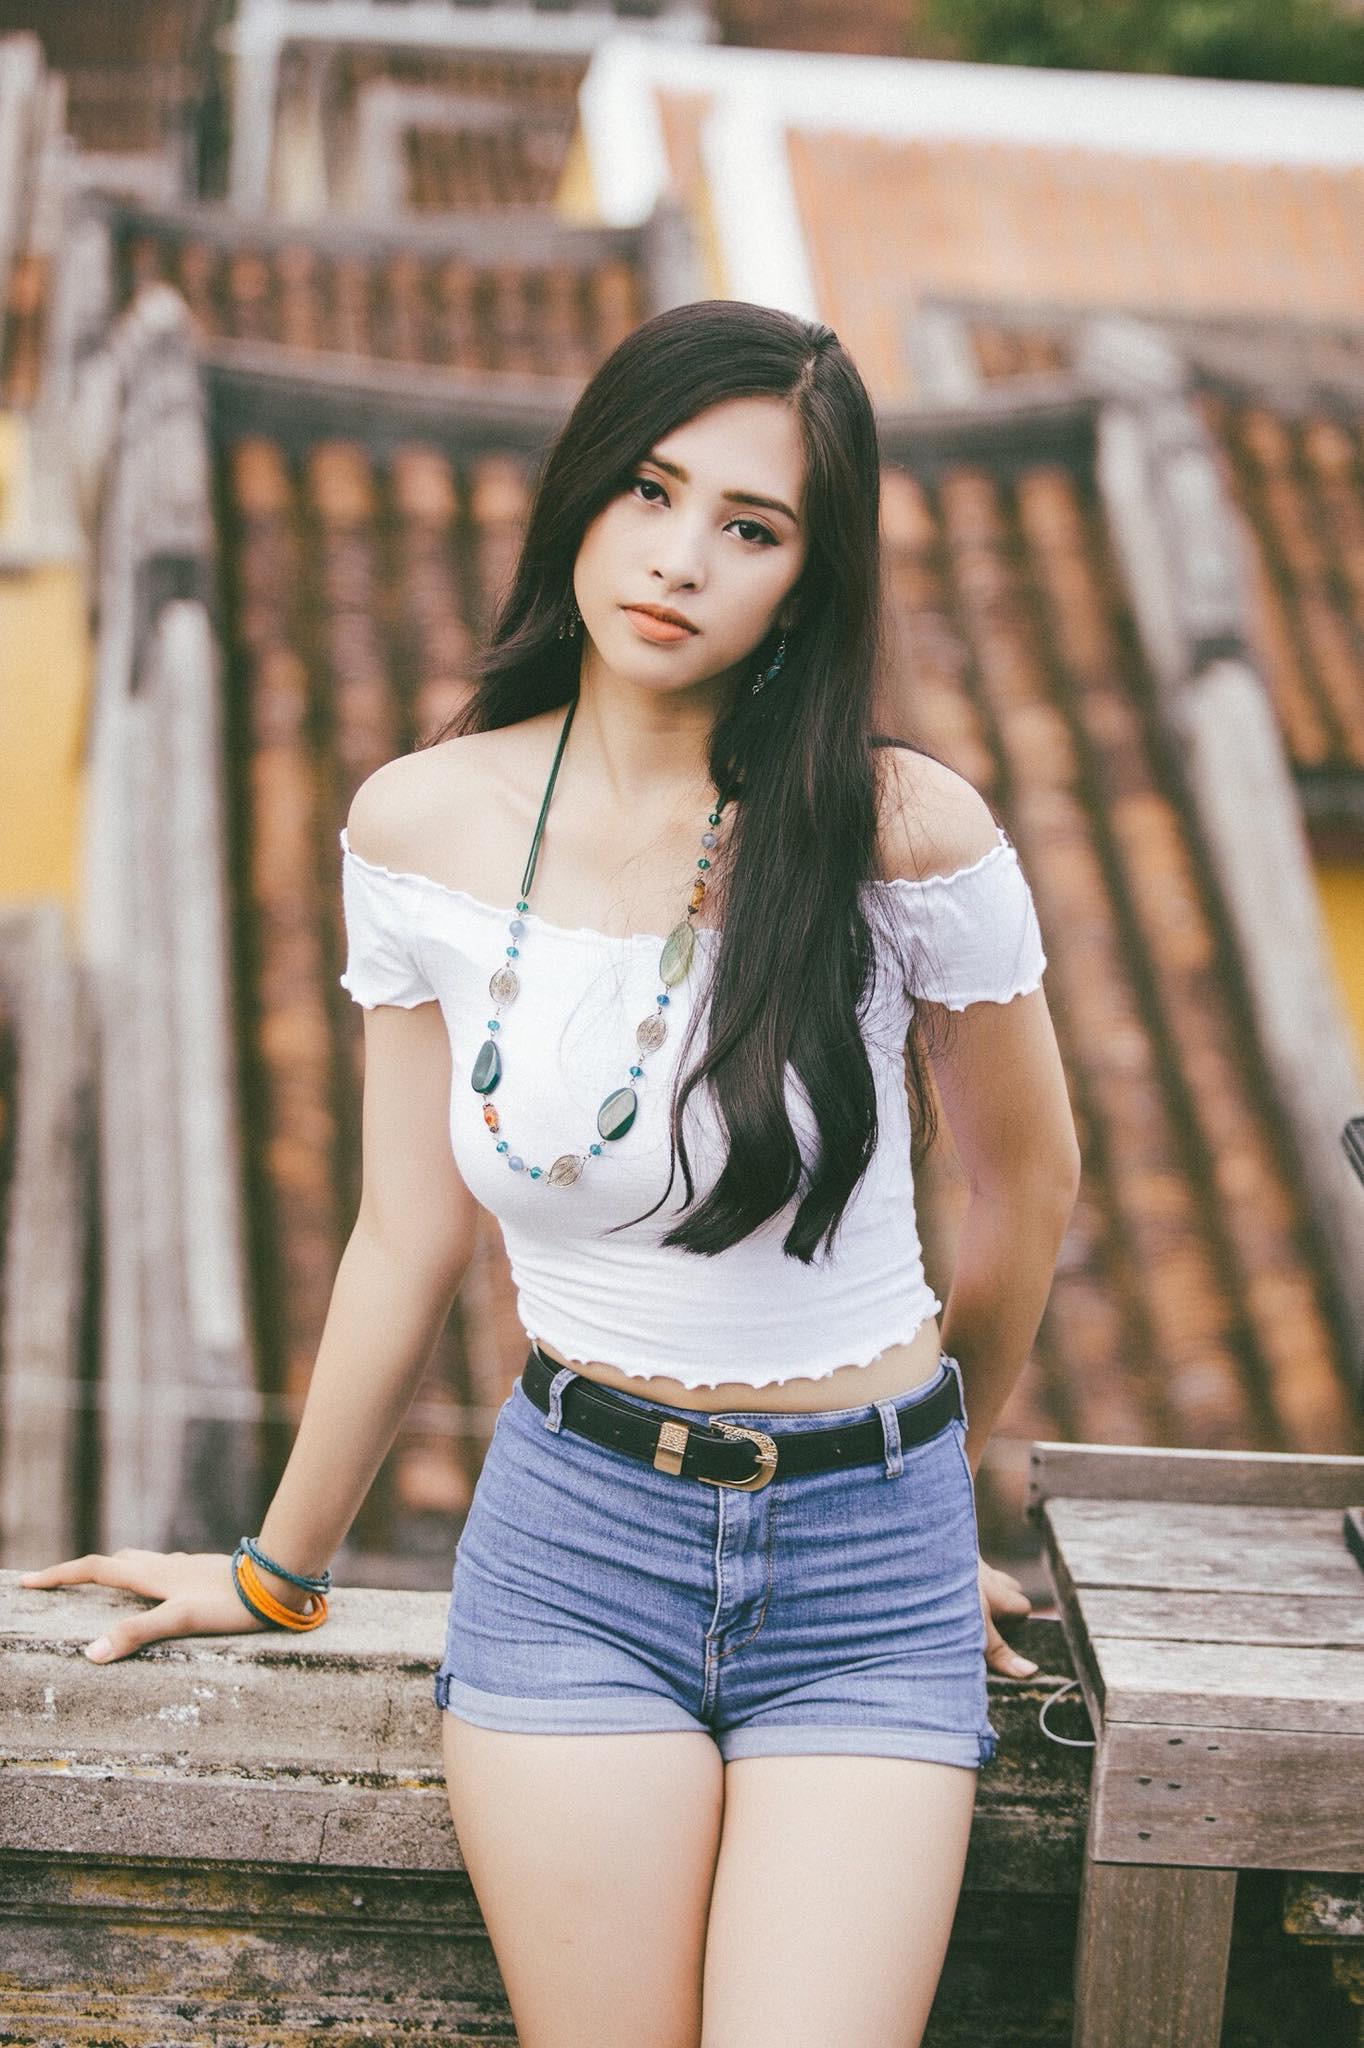 Thế hệ mỹ nhân 10x của Vbiz: Người sở hữu vòng eo nhỏ nhất showbiz, người là Hoa hậu mang nét đẹp lai Tây gợi cảm hút hồn - Ảnh 4.